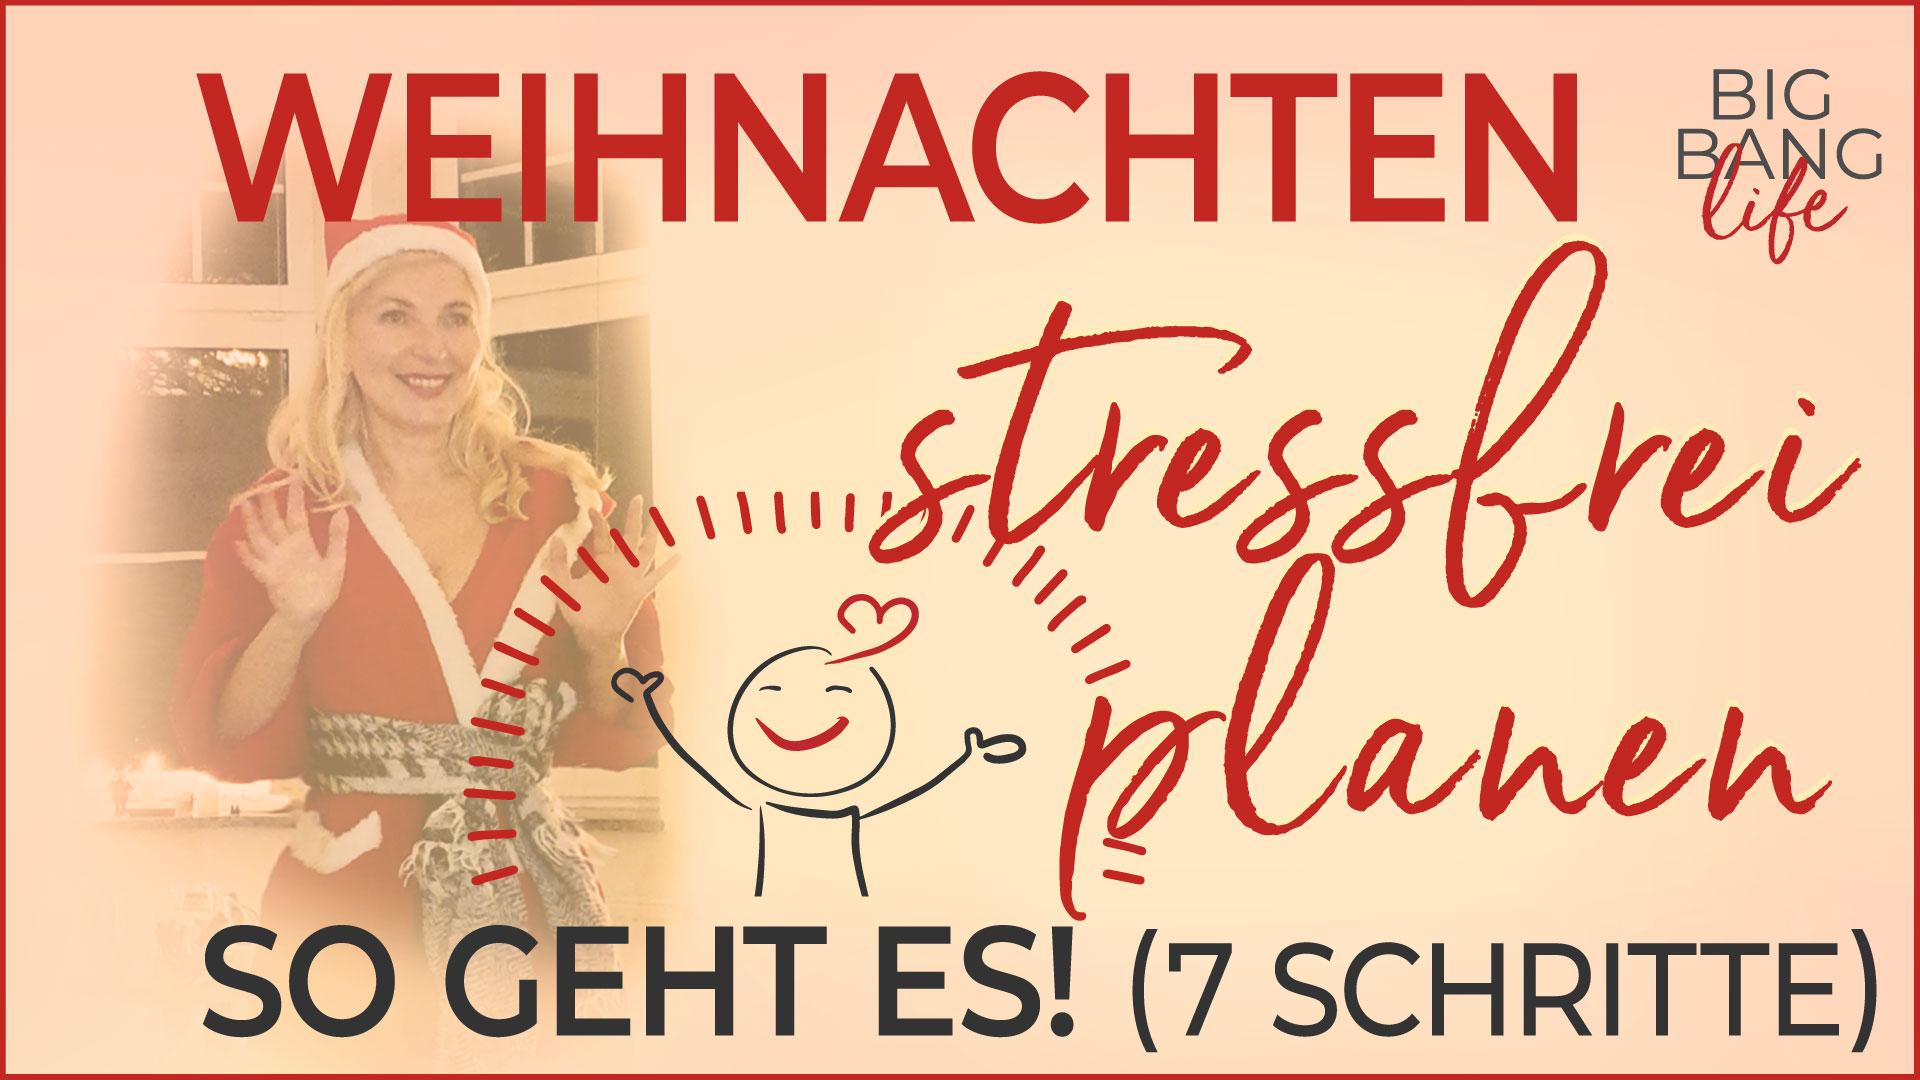 Weihnachten stress-frei